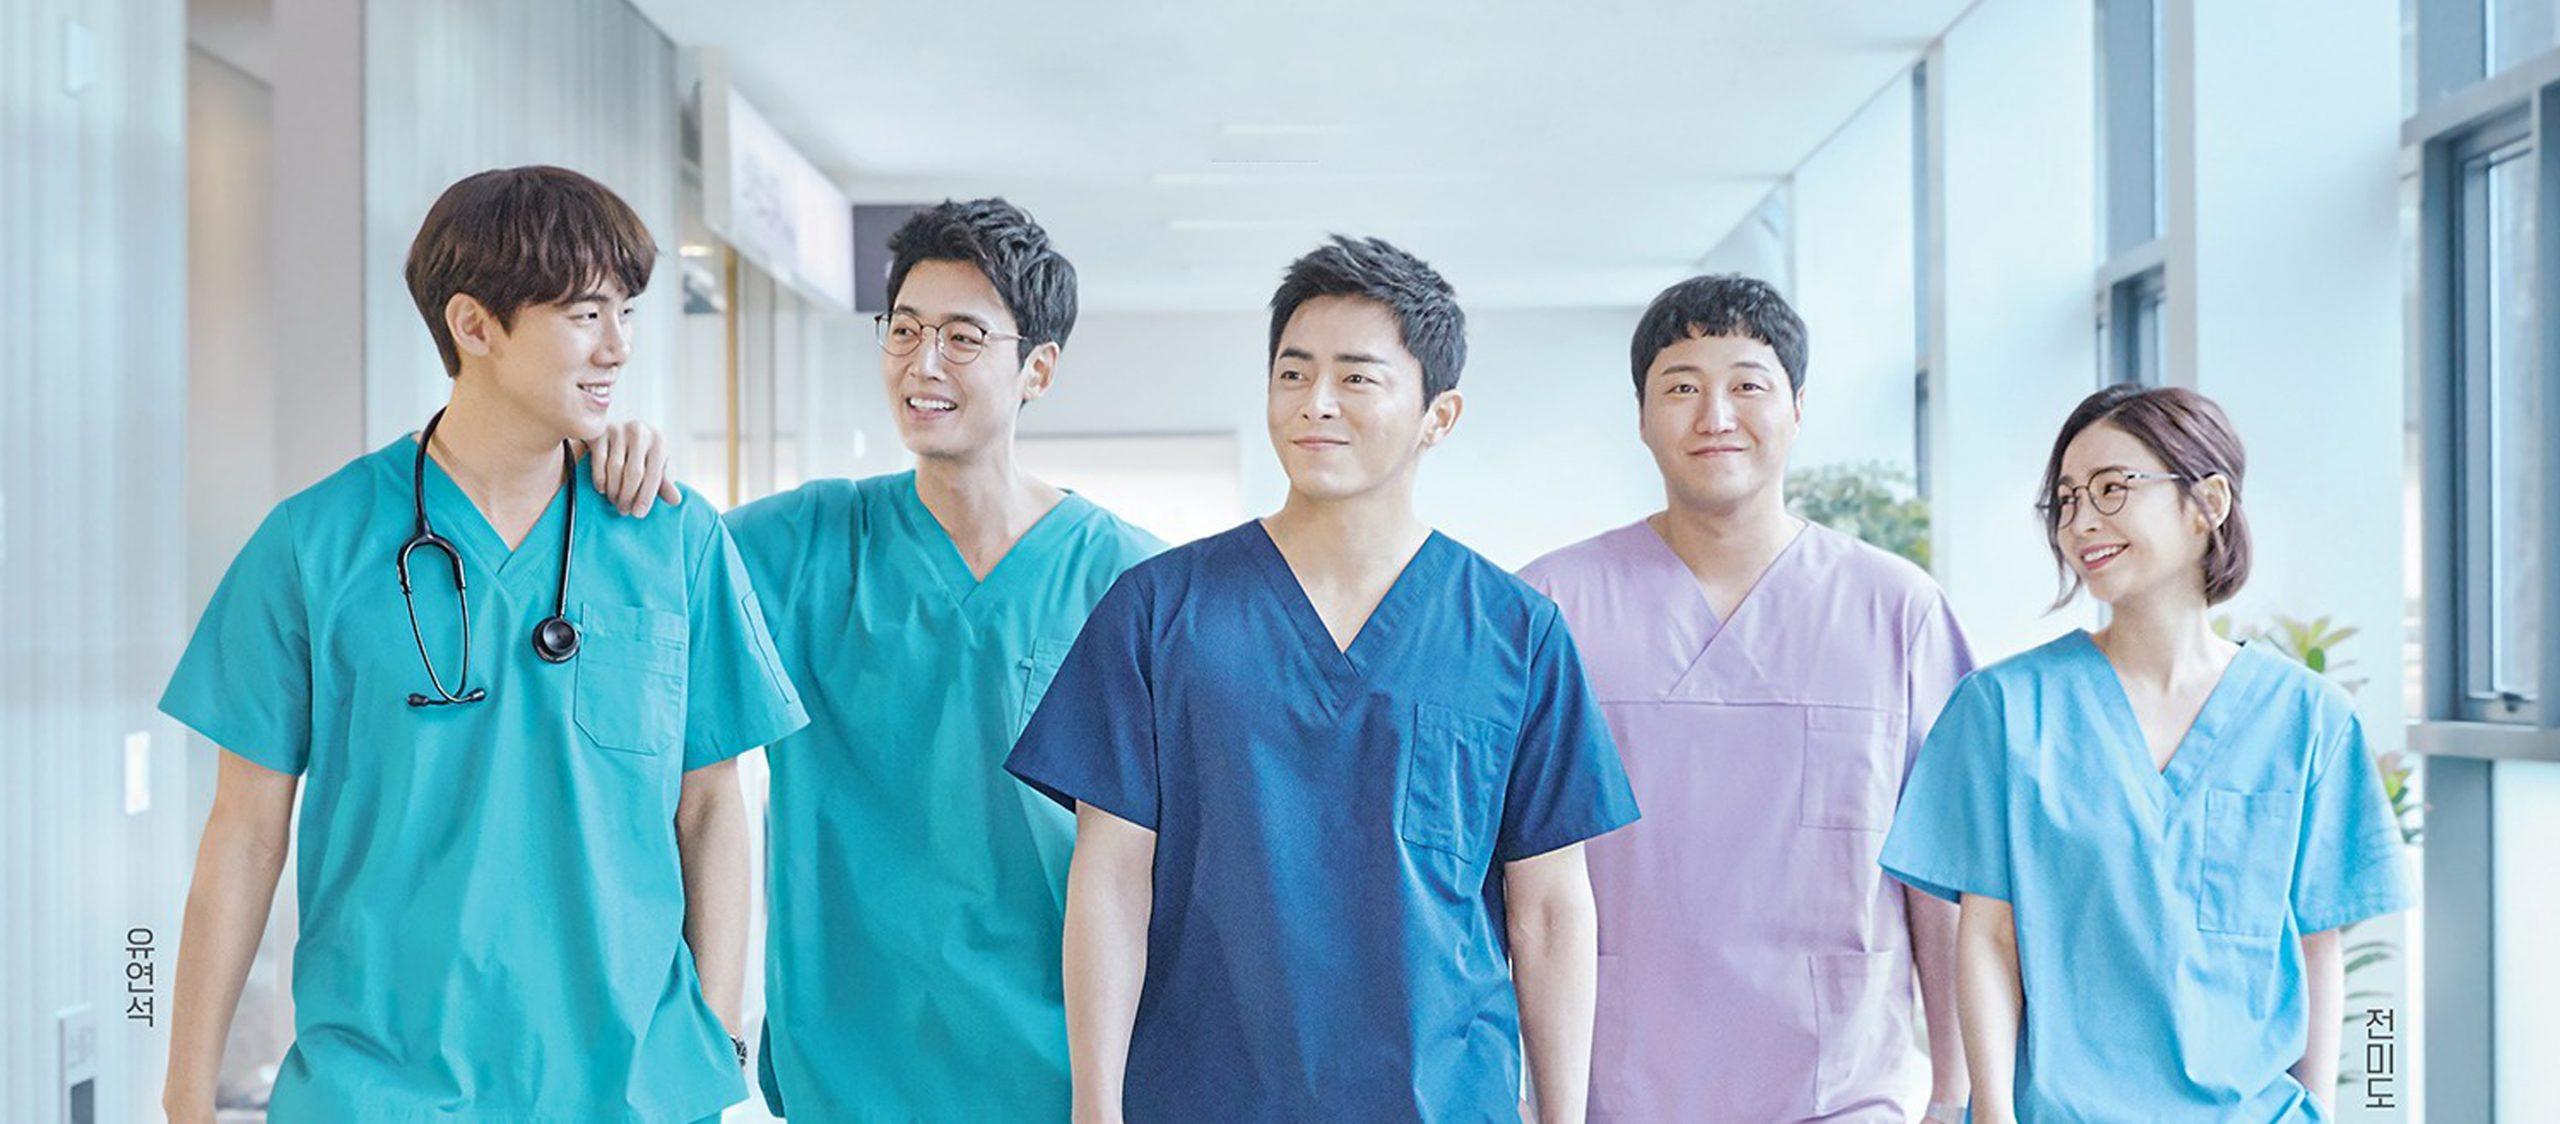 ชีวิตสั้นแต่ความเป็นเพื่อนยืนยาว Hospital Playlist ซีรีส์เพื่อนหมอที่คนมีเพื่อนต้องดู